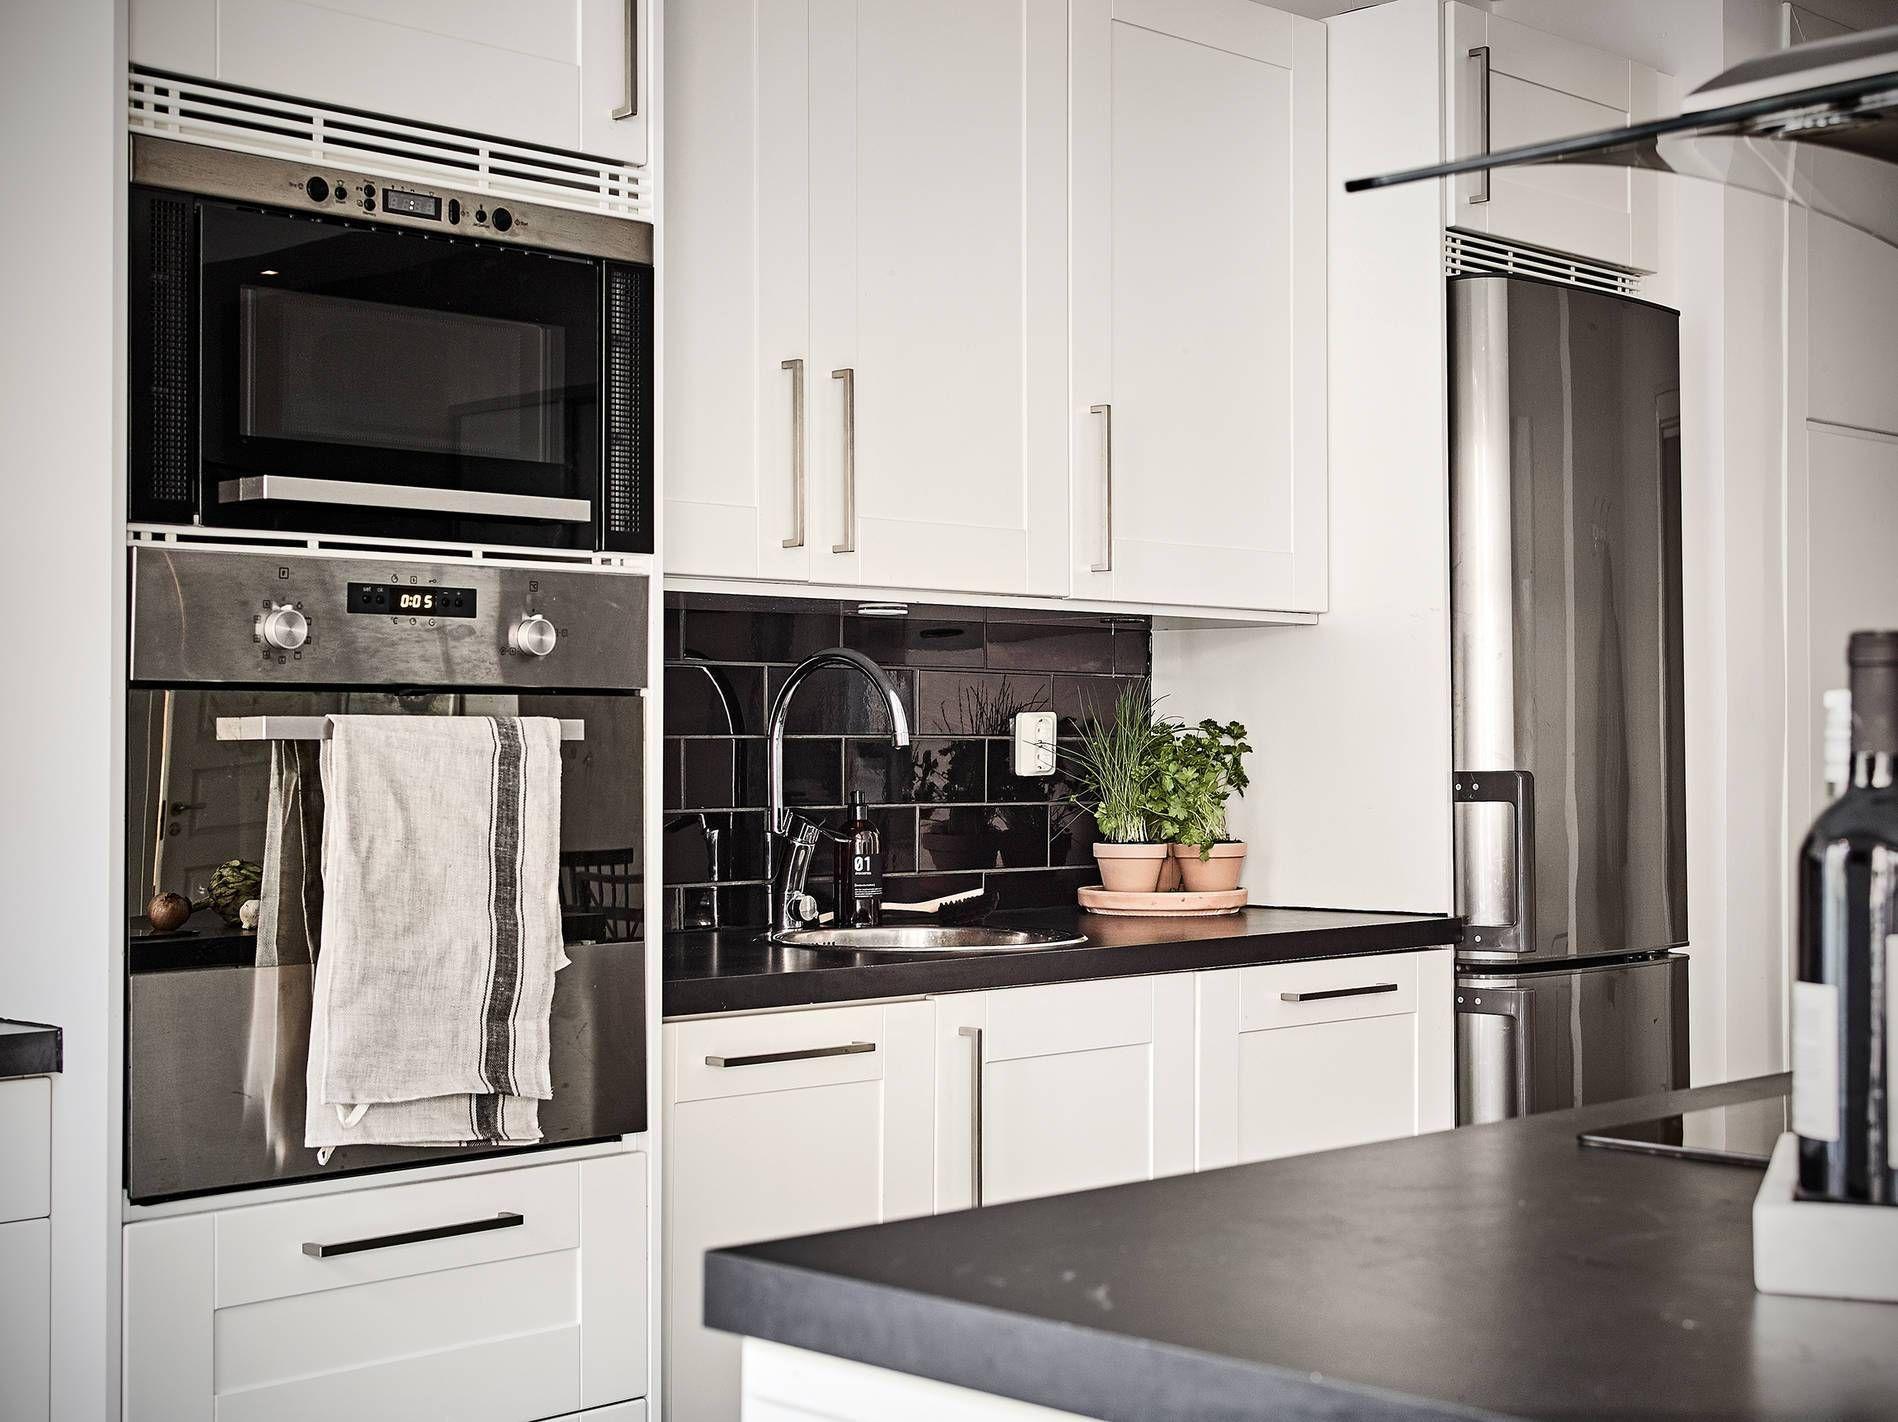 Perfecta cocina abierta | Cocinas abiertas, Cocina nórdica y Cocinas ...